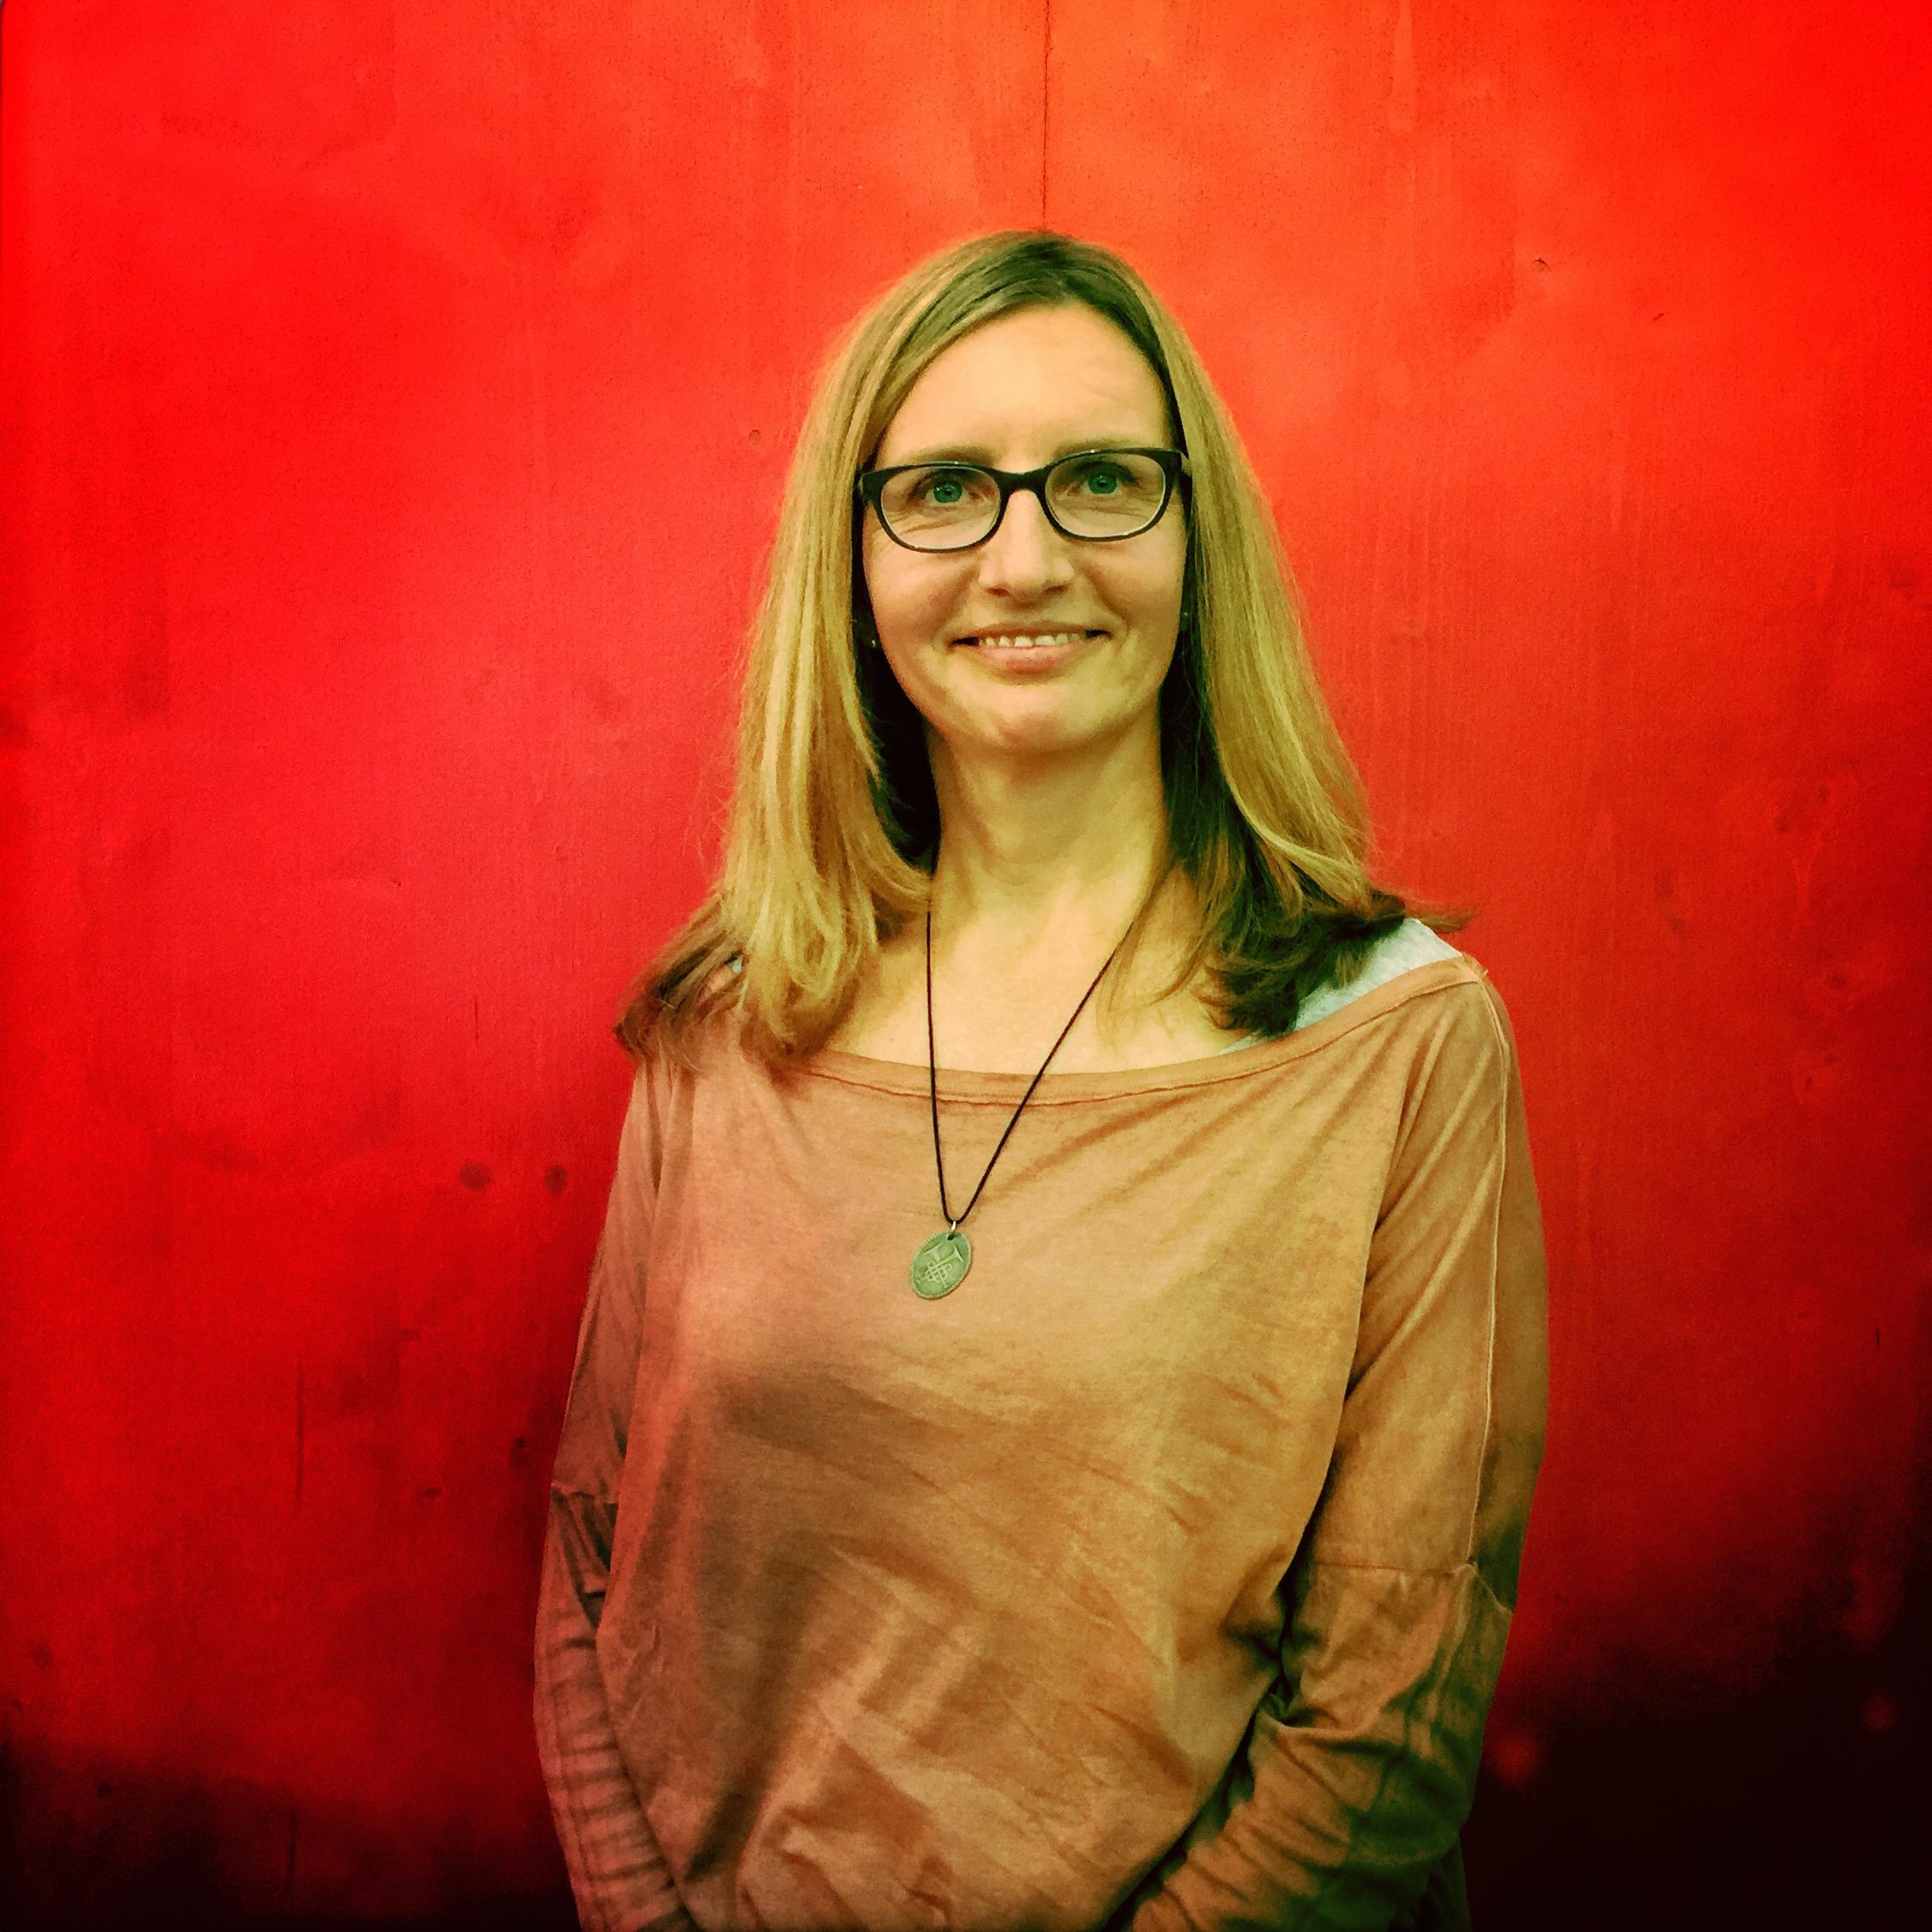 Birgit Schmelz - Landlergschwister